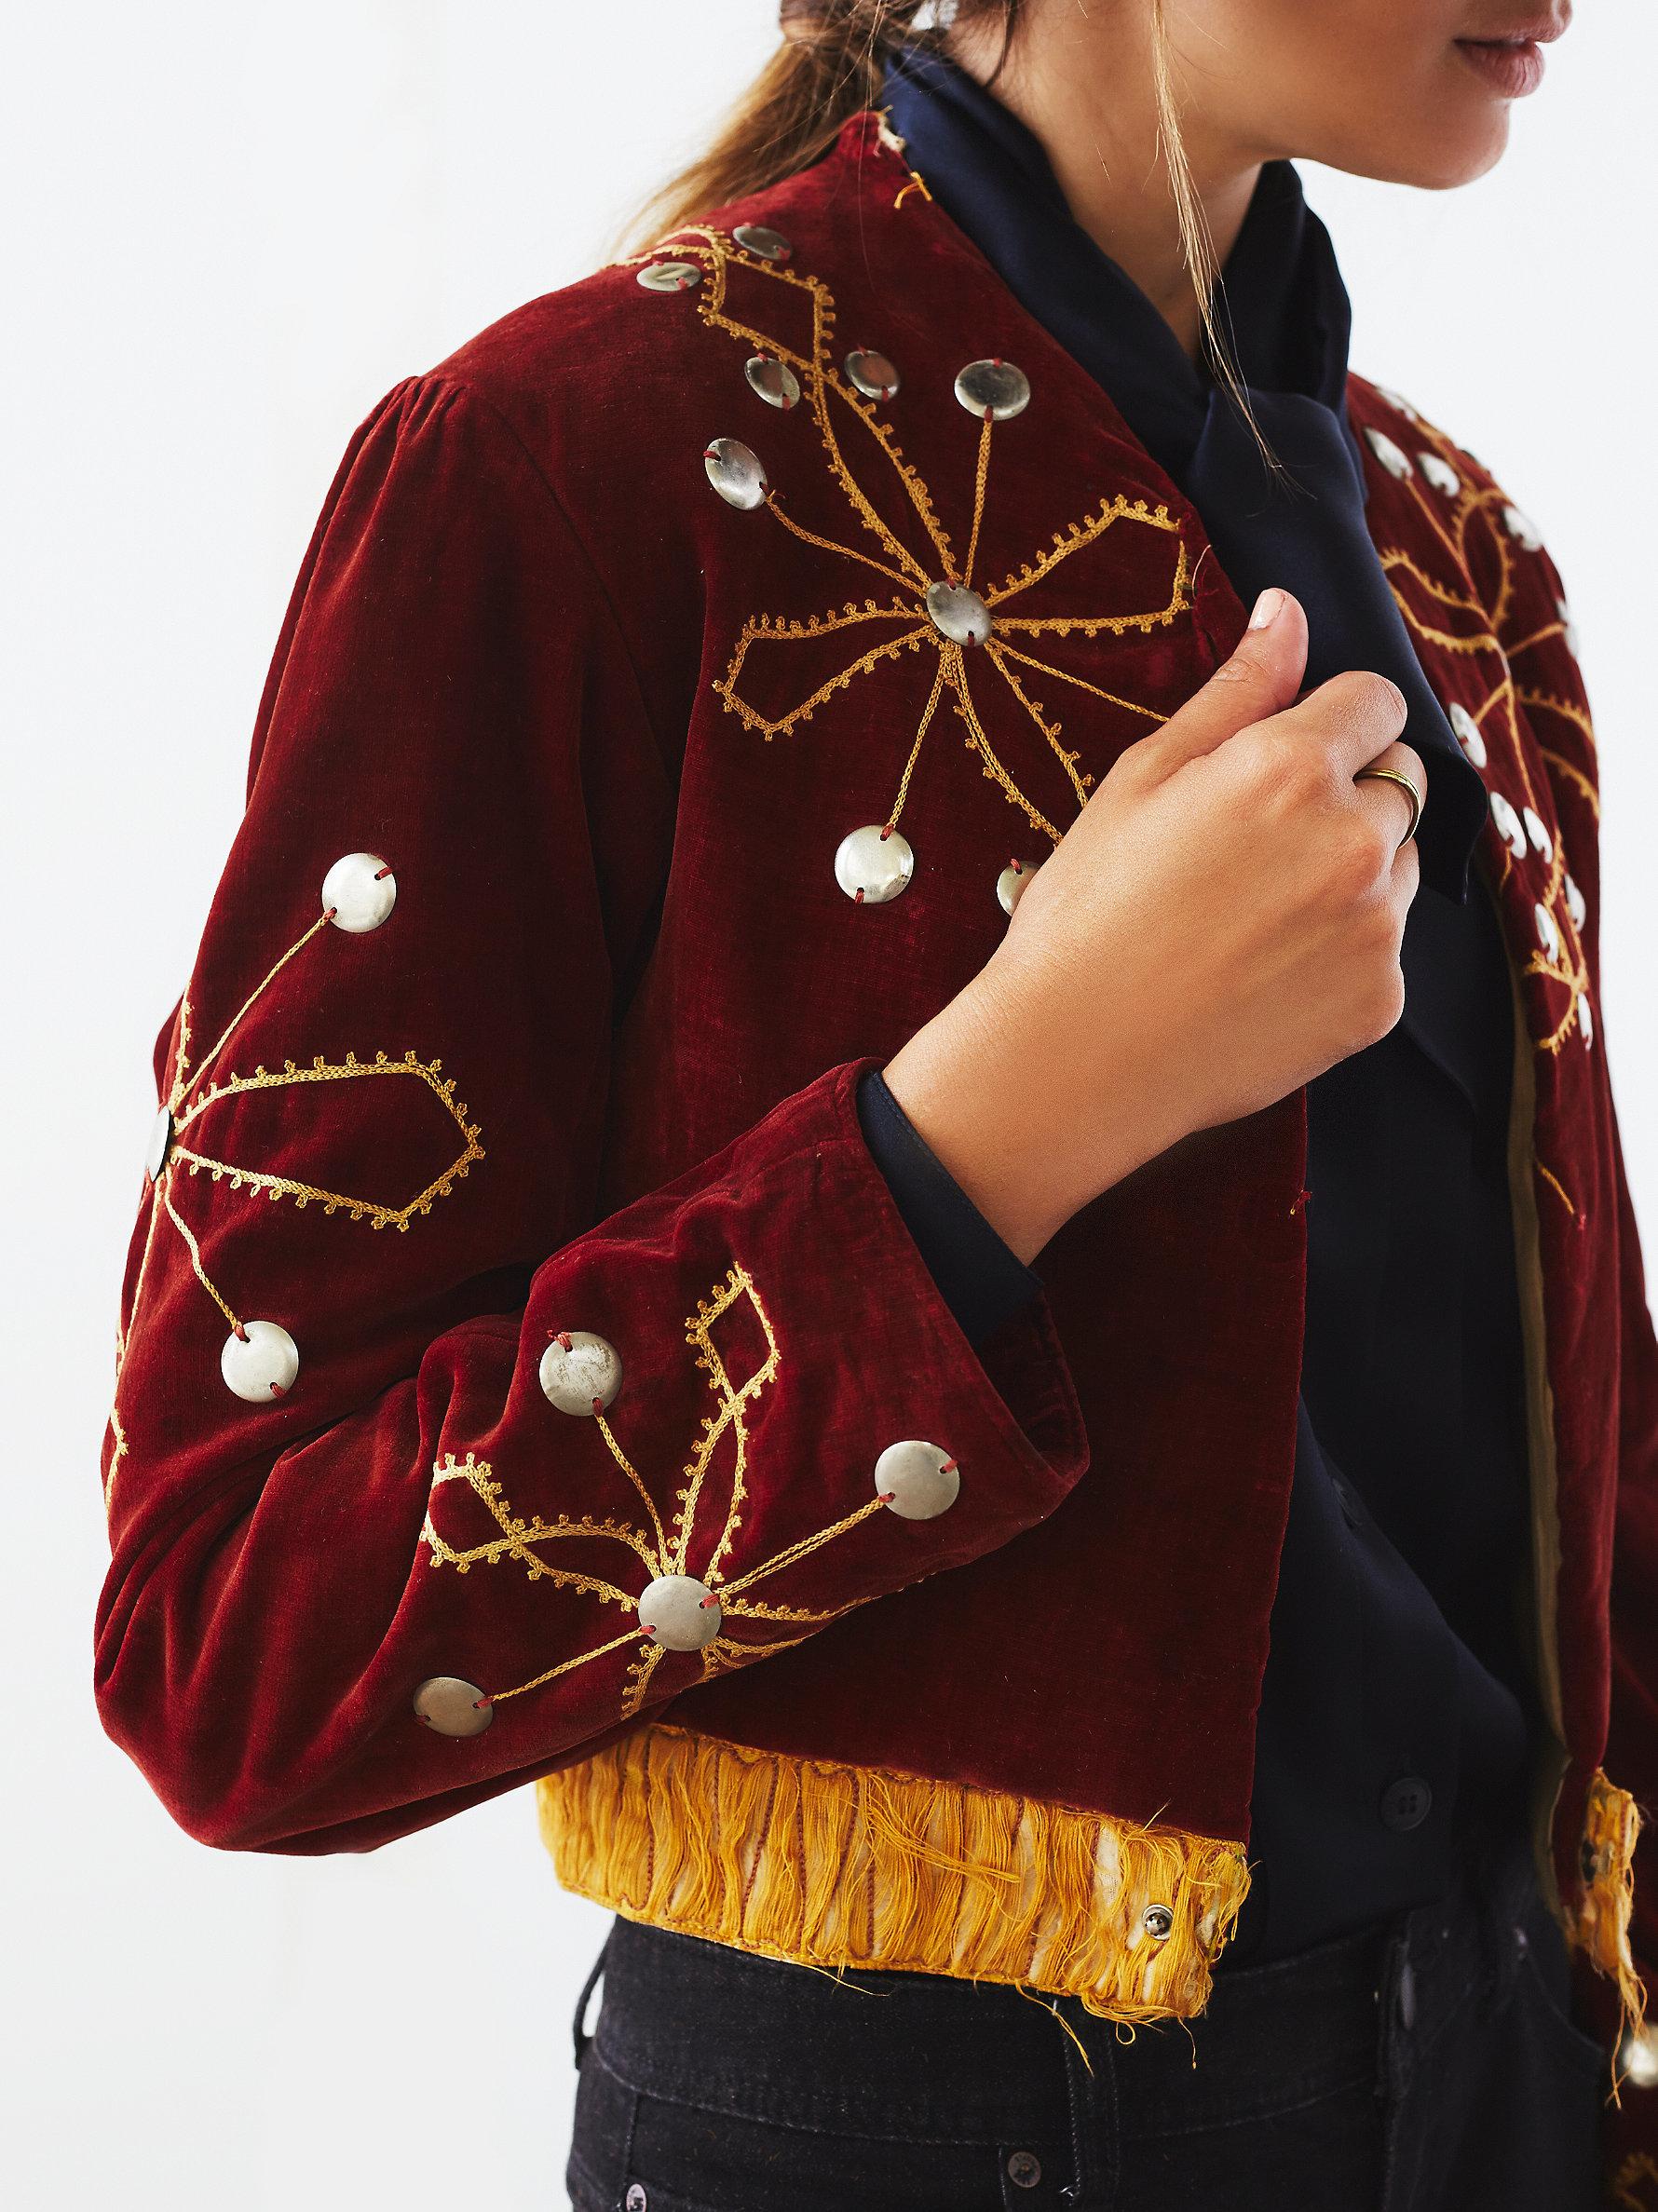 Embroidered leather jacket free people makaroka